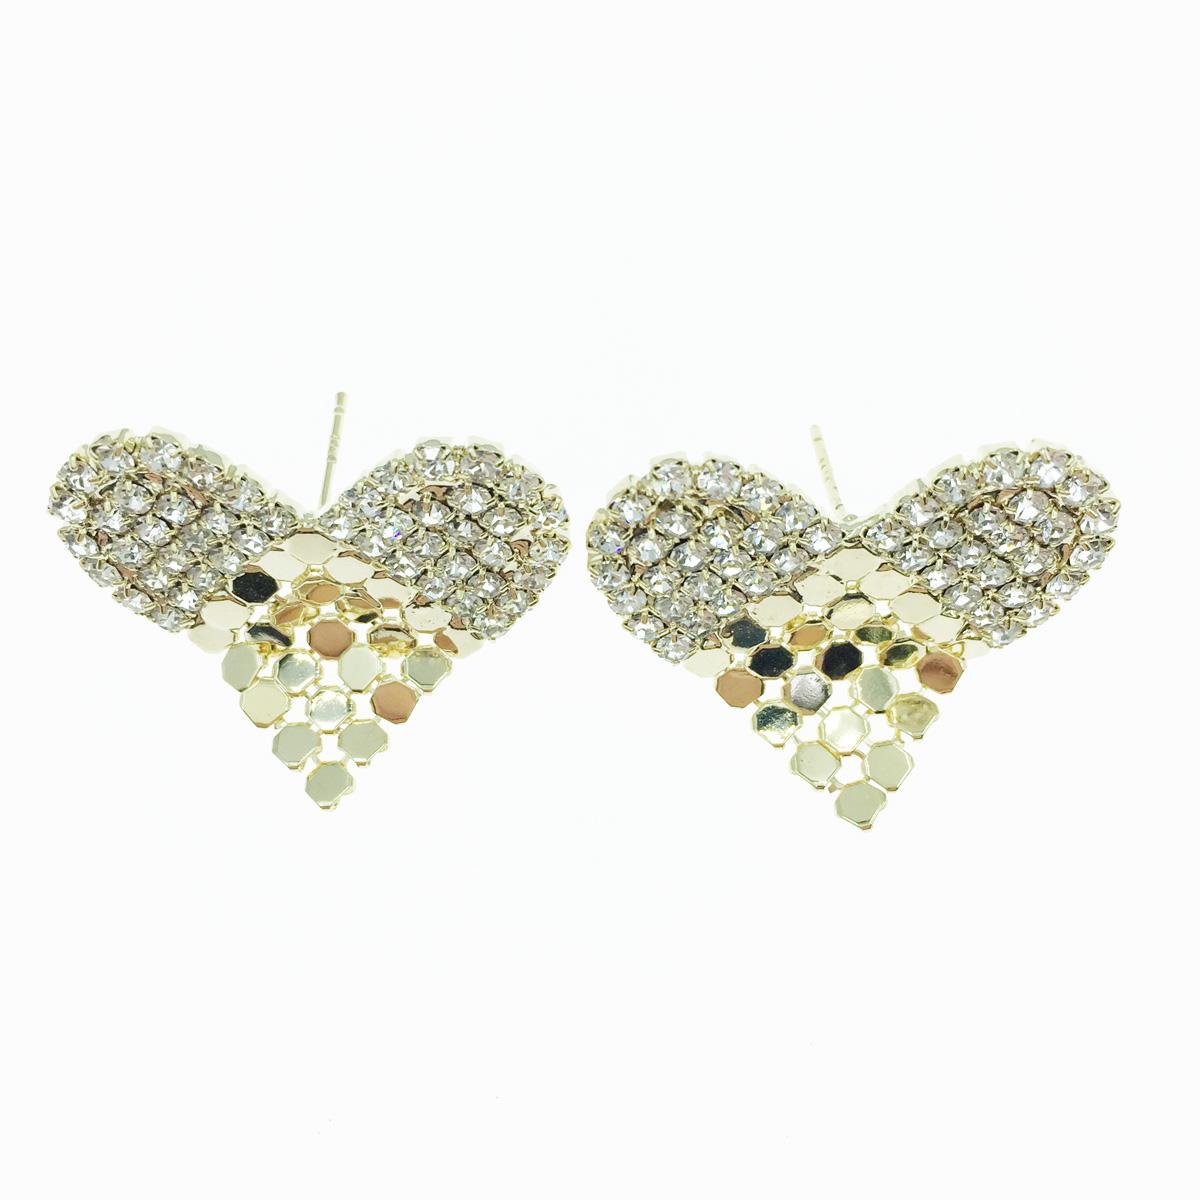 韓國 925純銀 愛心 水鑽 金屬圓片 甜美款 耳針式耳環